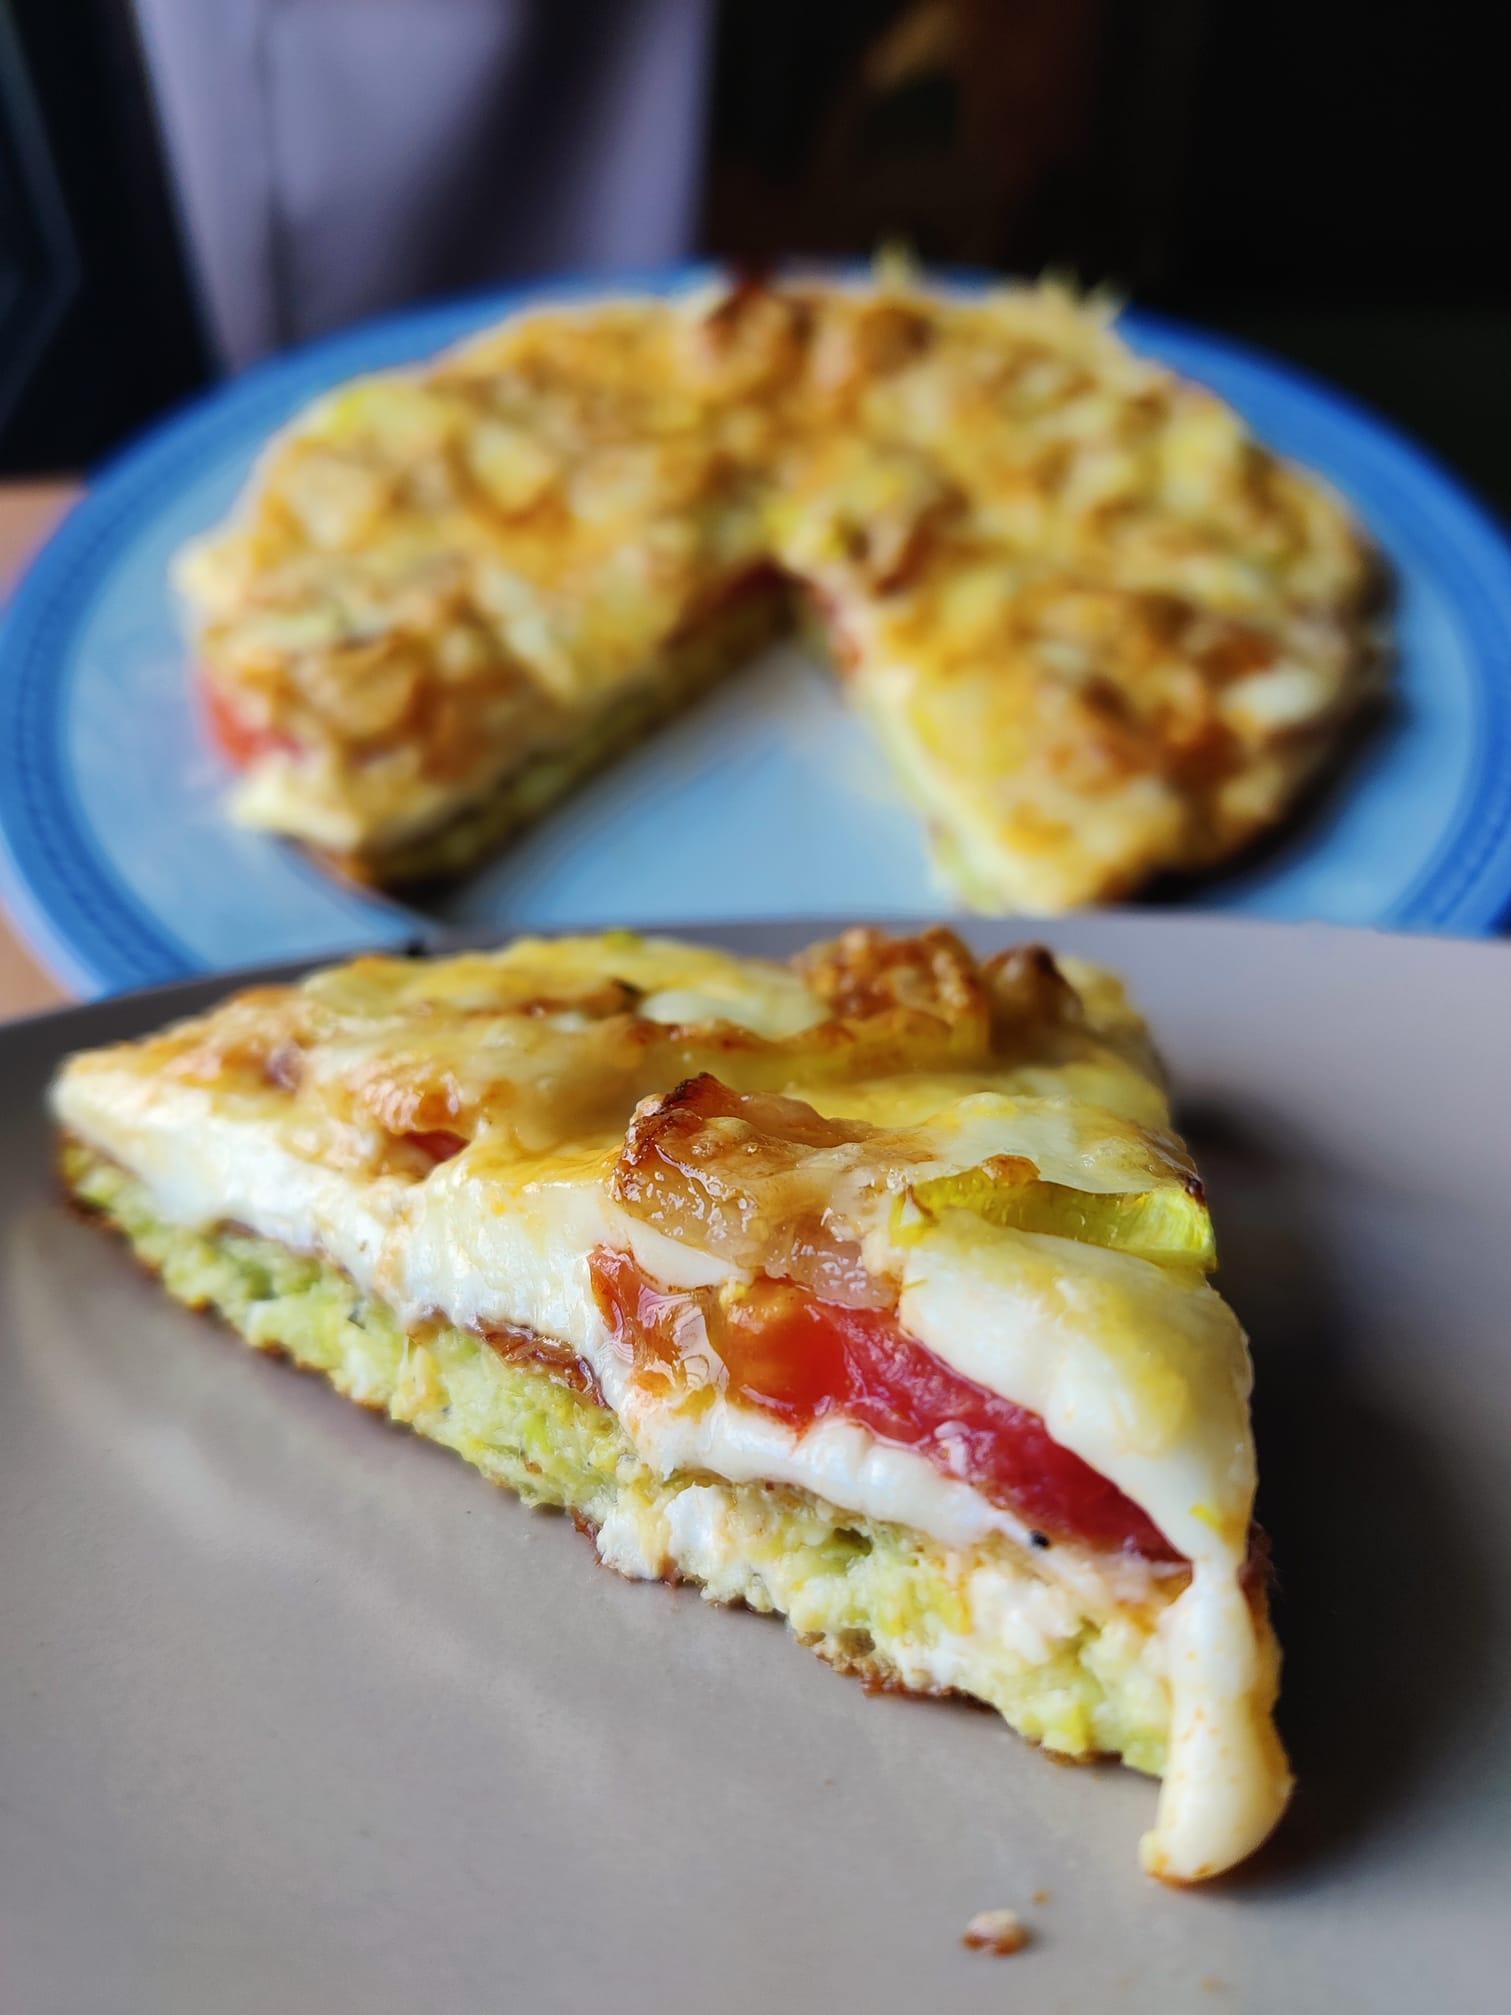 βάση-για-πίτσα-από-κολοκυθάκια-